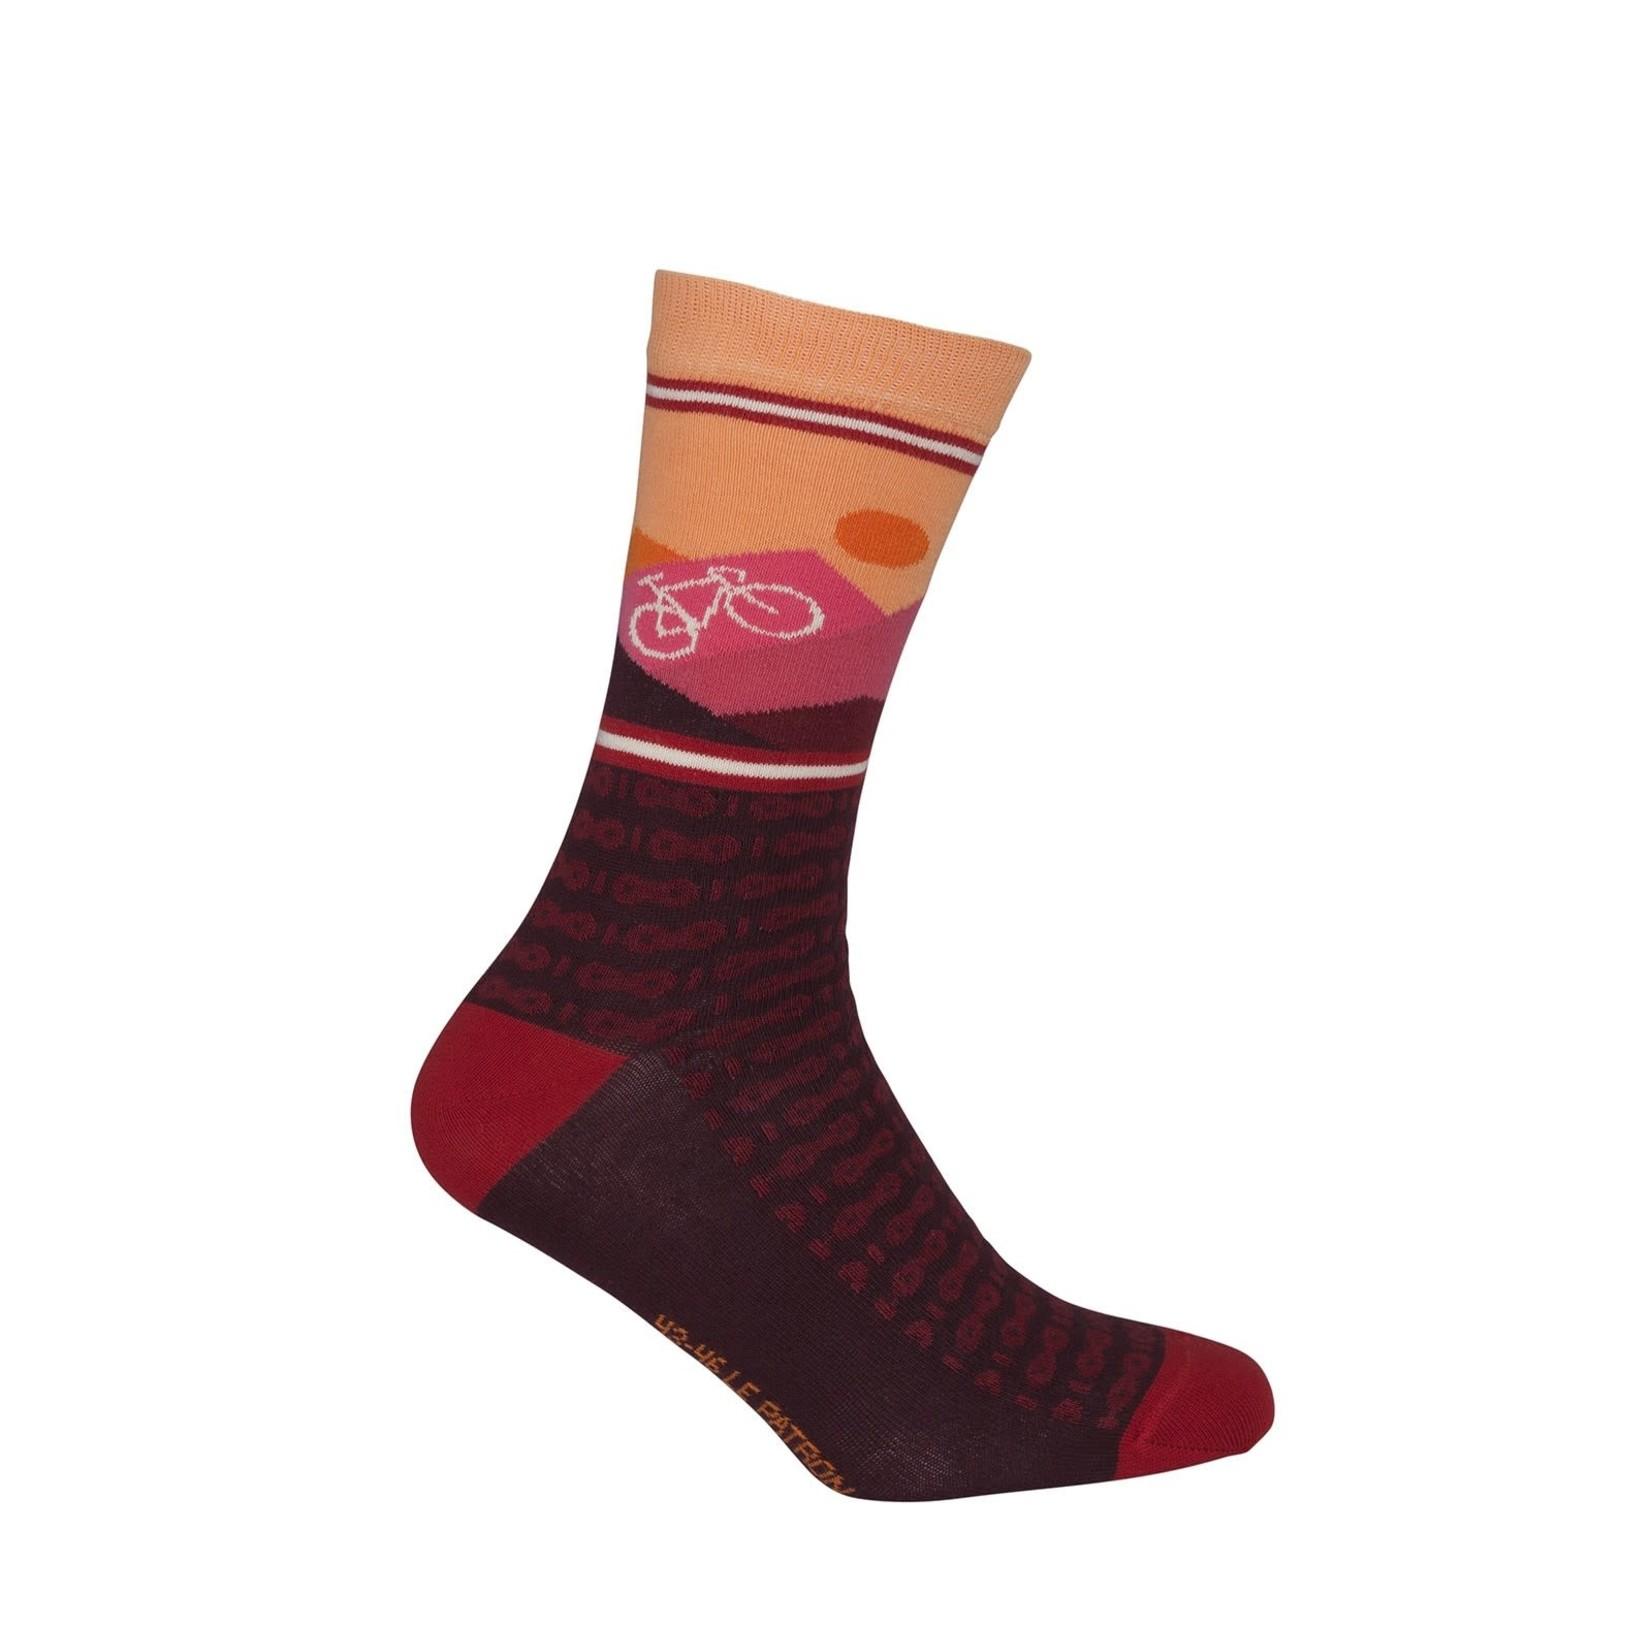 Sokken 'Le Patron' Mountain socks rood